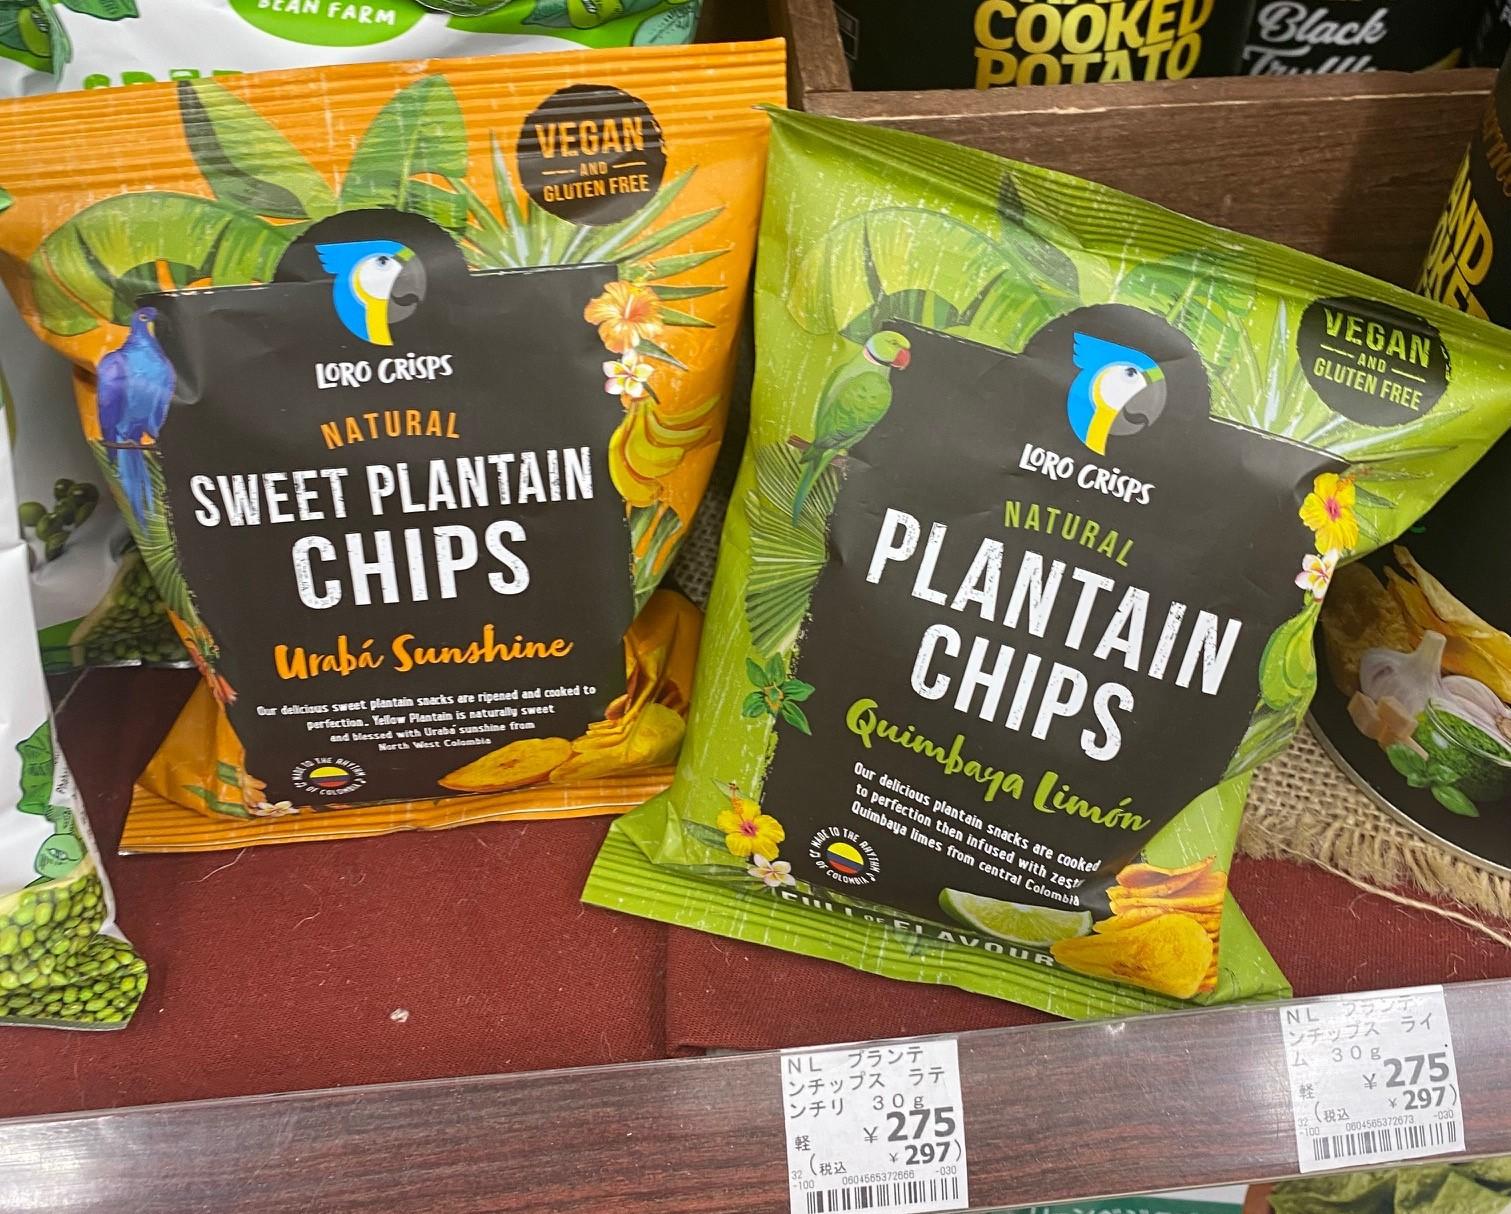 Loro Crisps Natural Sweet Plantain Chips Uraba Sunshine and Natural Plantain Chips Quimbaya Limon